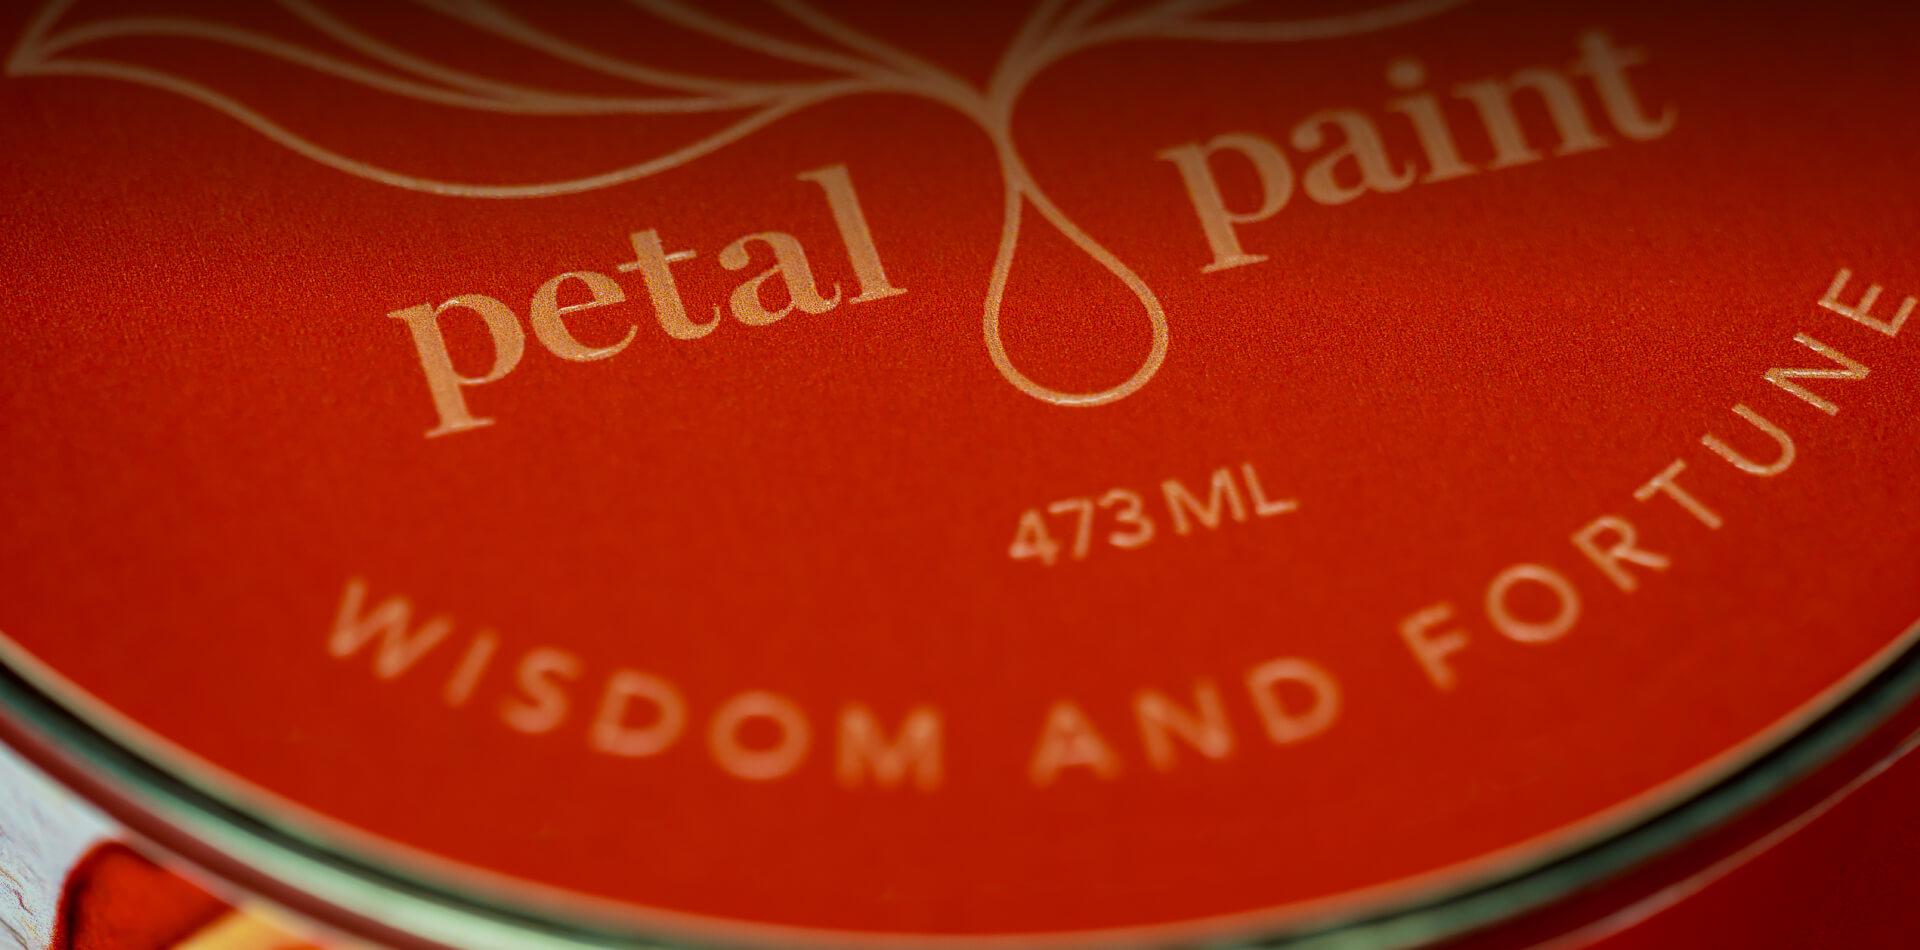 Petal Paint